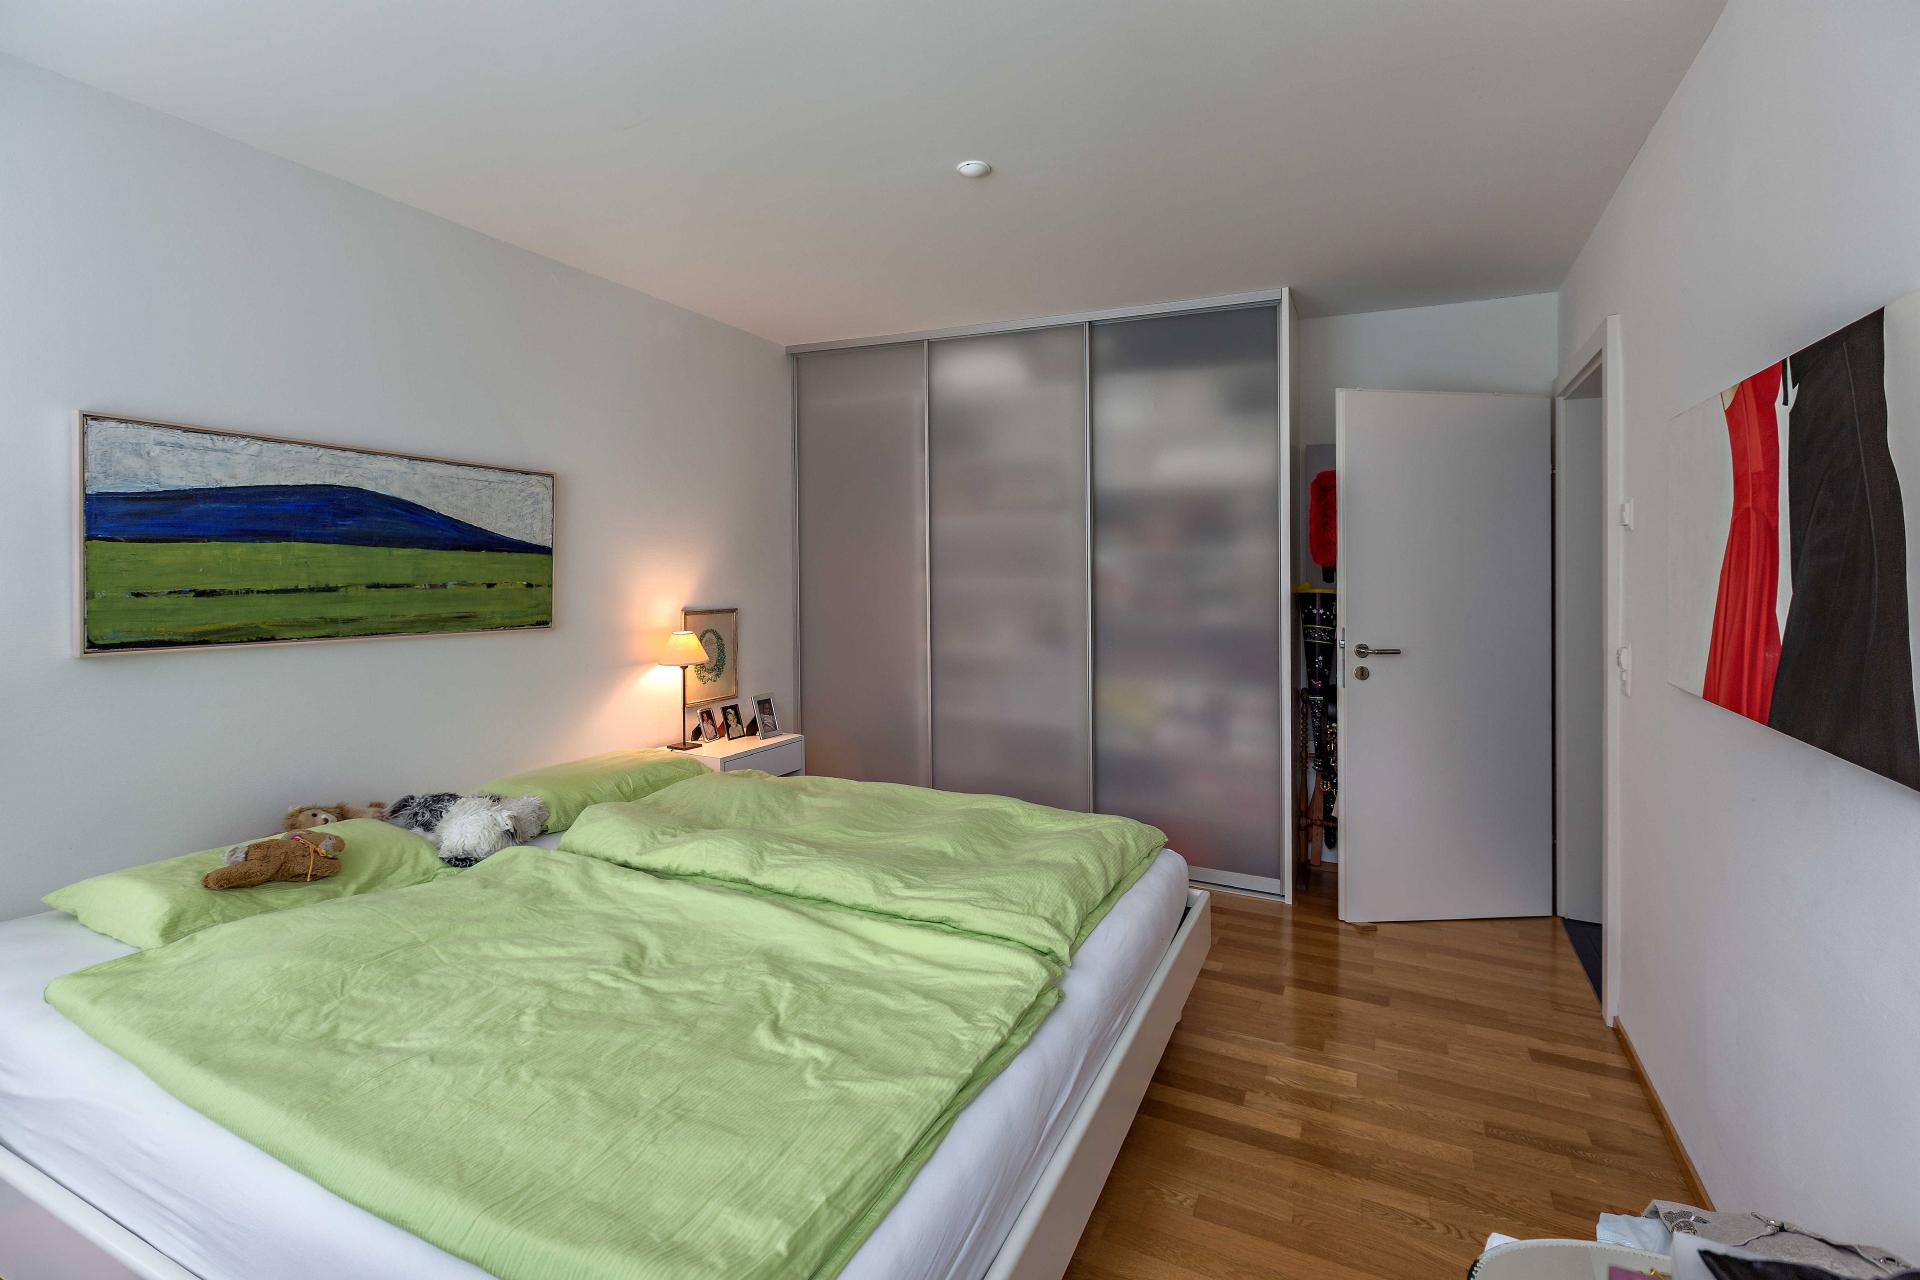 Schlafzimmerschrank mit Schiebetüren in transparentem Glas | AUF&ZU